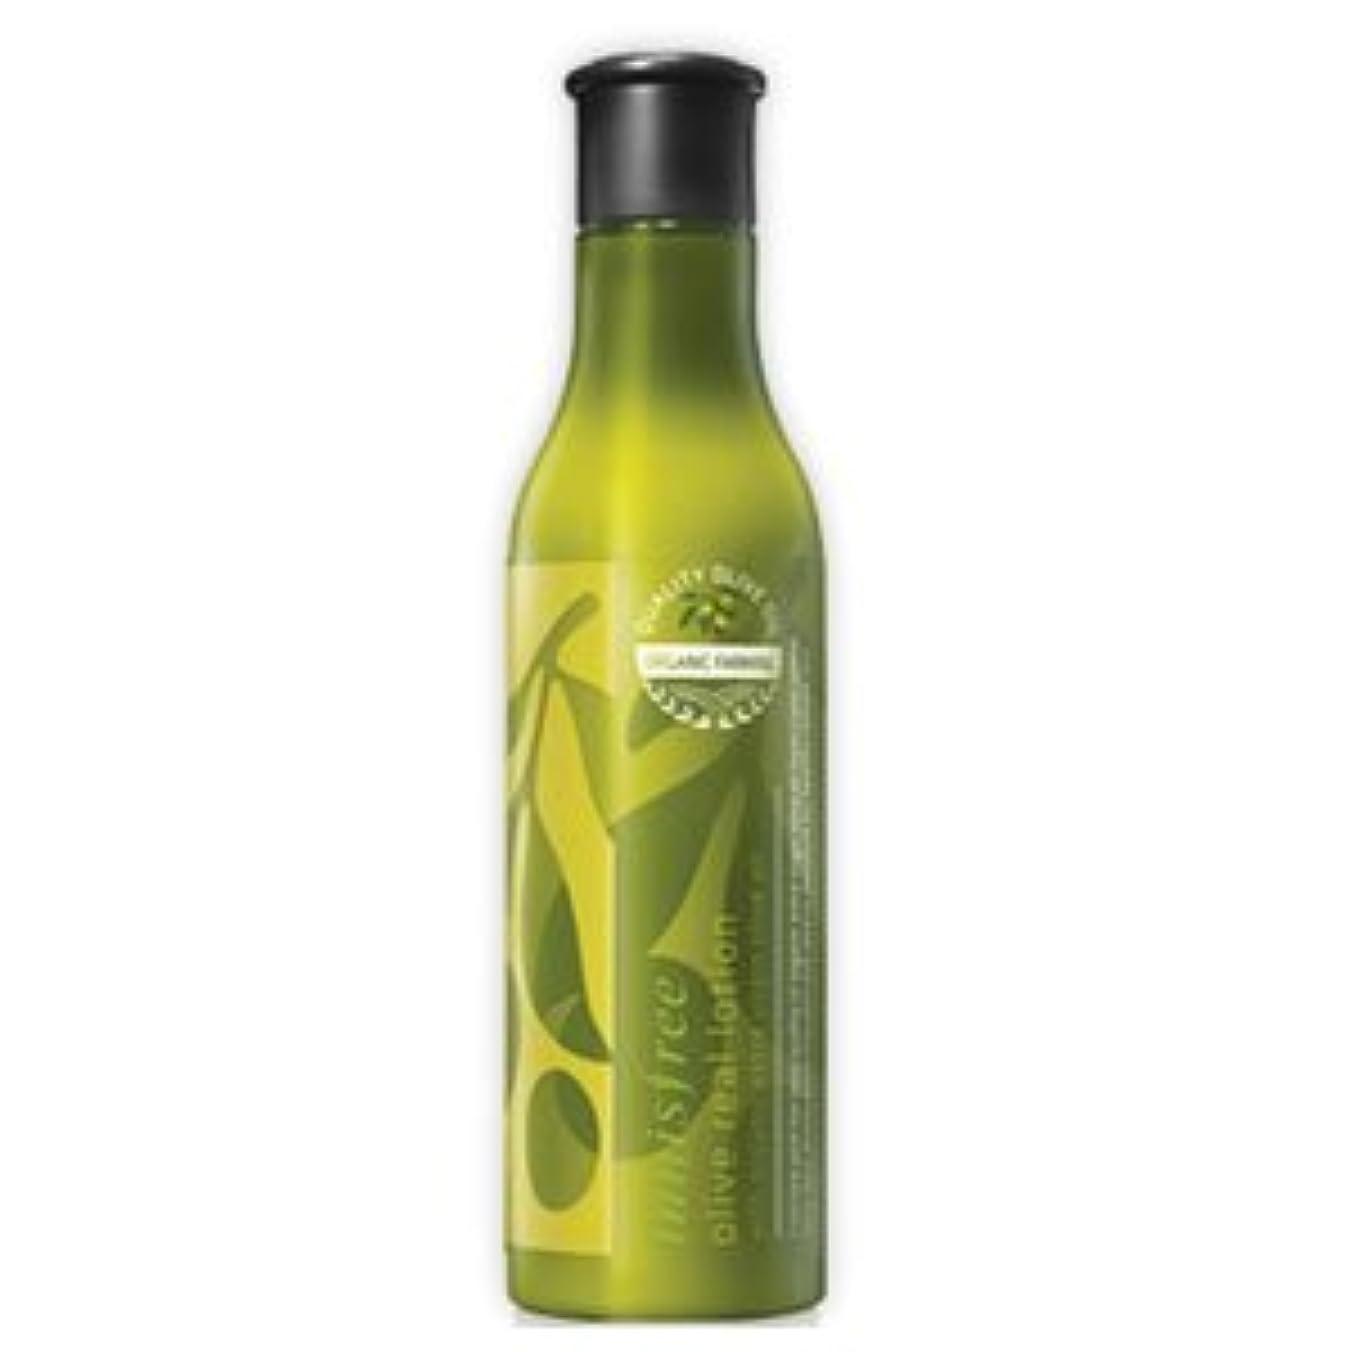 リンク蜜メイトinnisfree(イニスフリー) 保湿栄養 オリーブリアル ローション 乳液 160ml